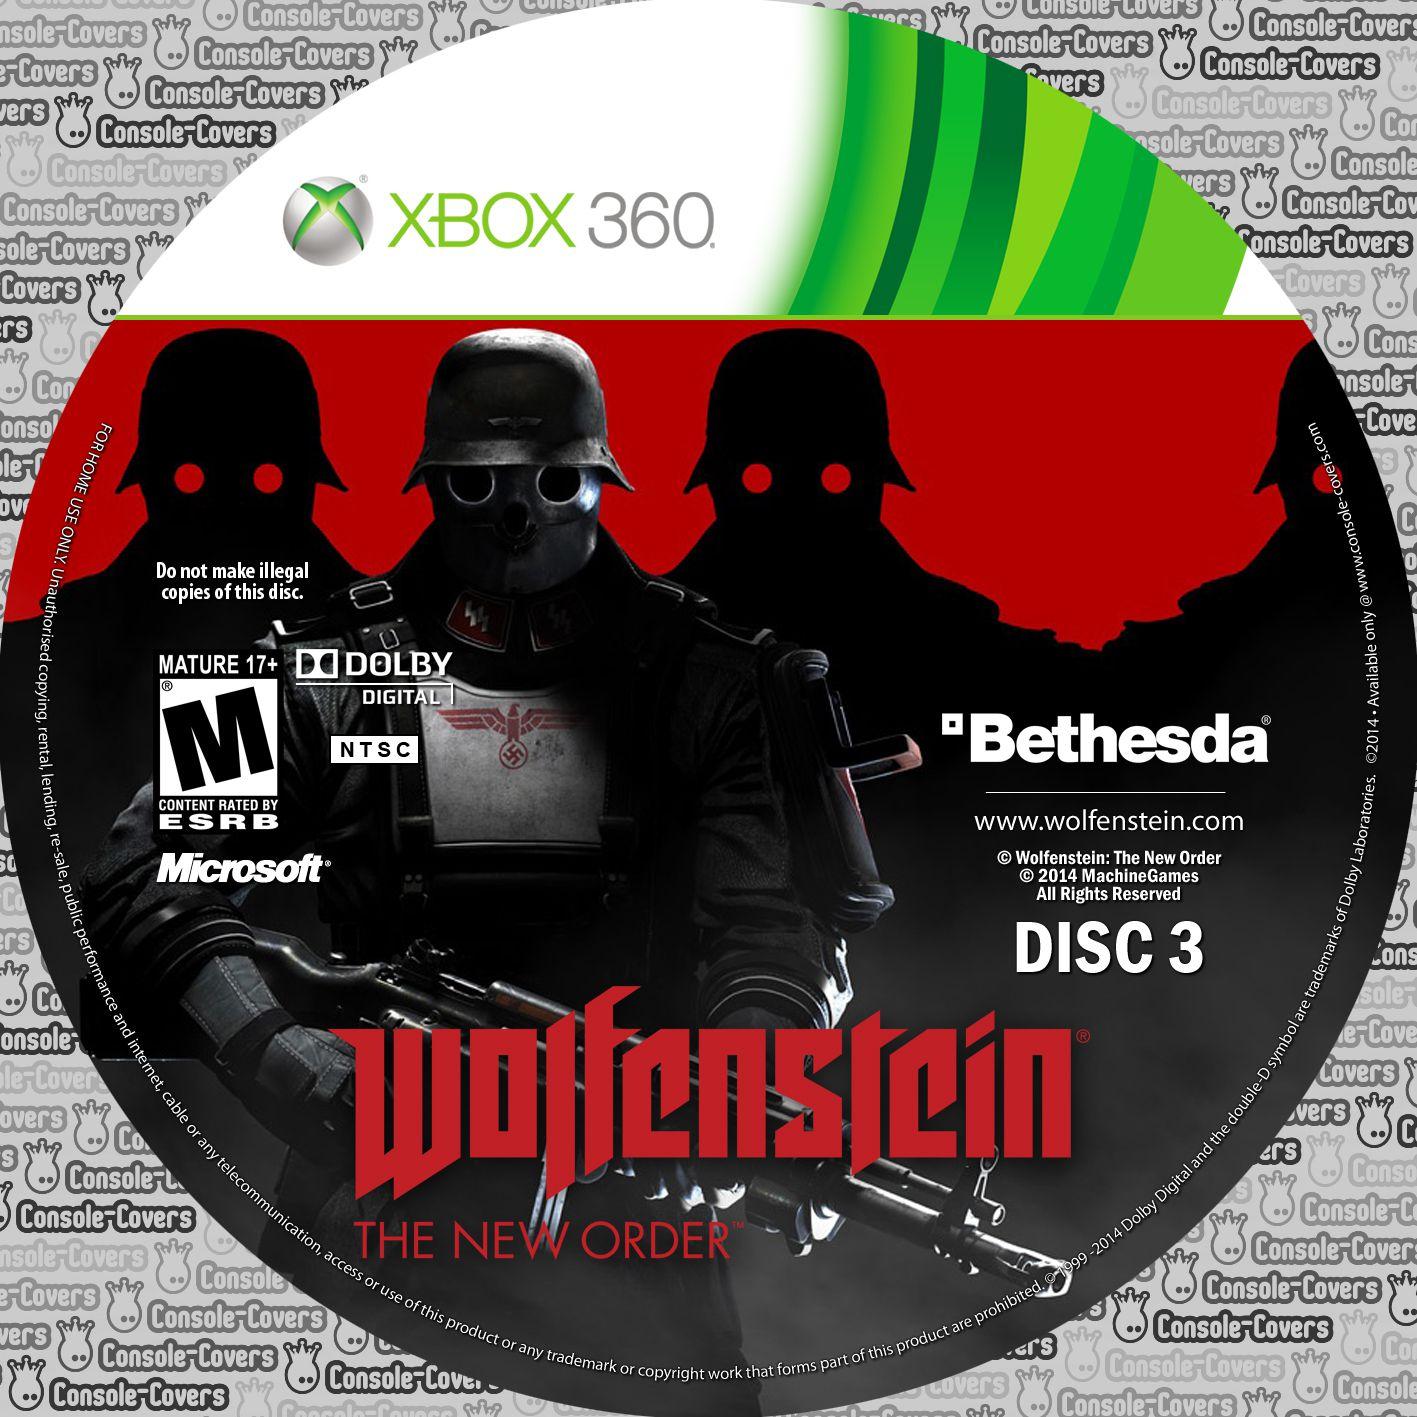 Label Wolfenstein The New Order Disc 3 Xbox 360